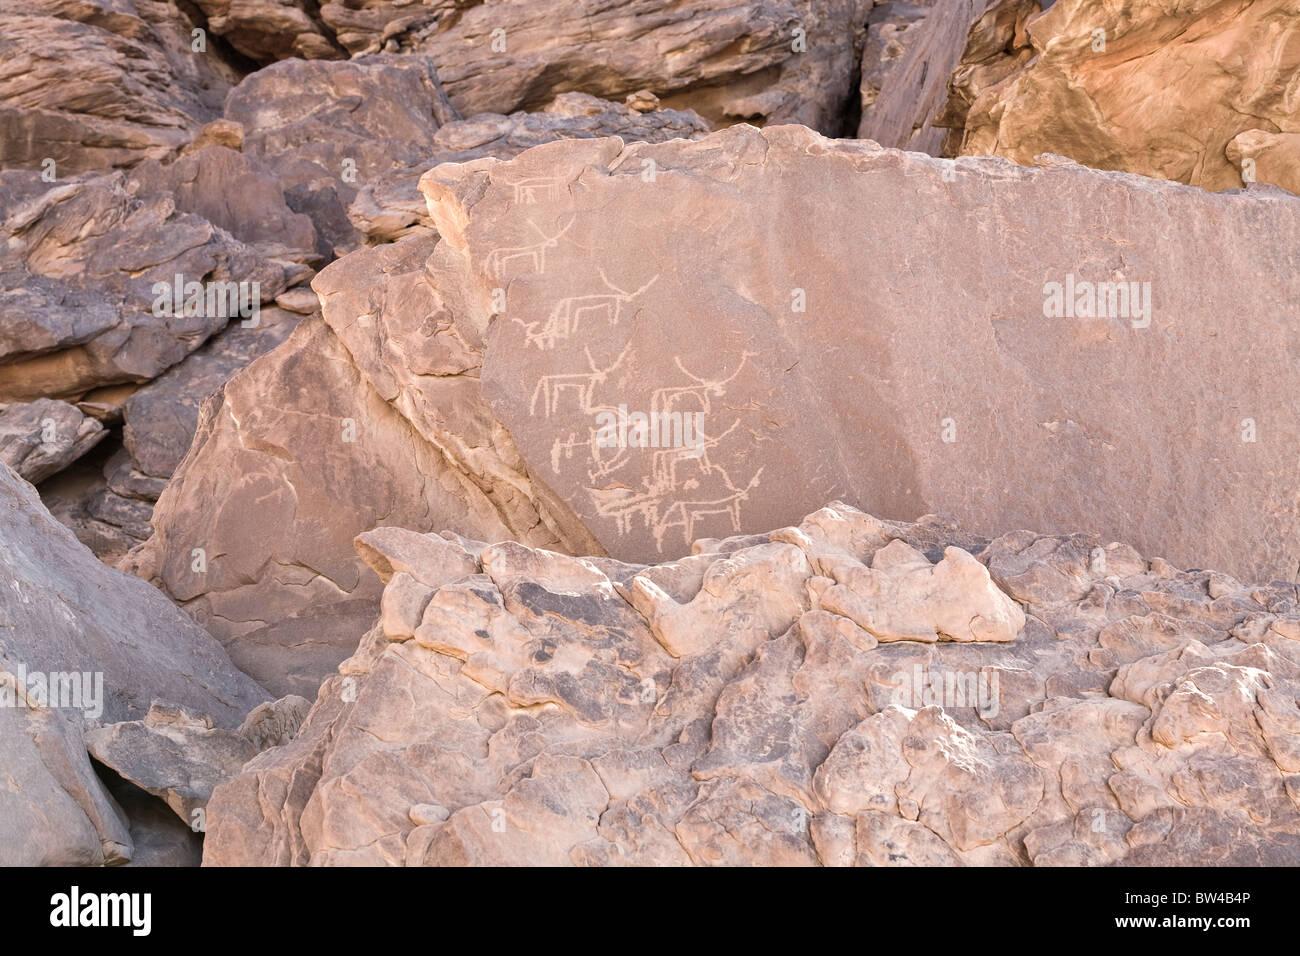 Petroglyphs of various horned animals in The Eastern Desert of Egypt - Stock Image